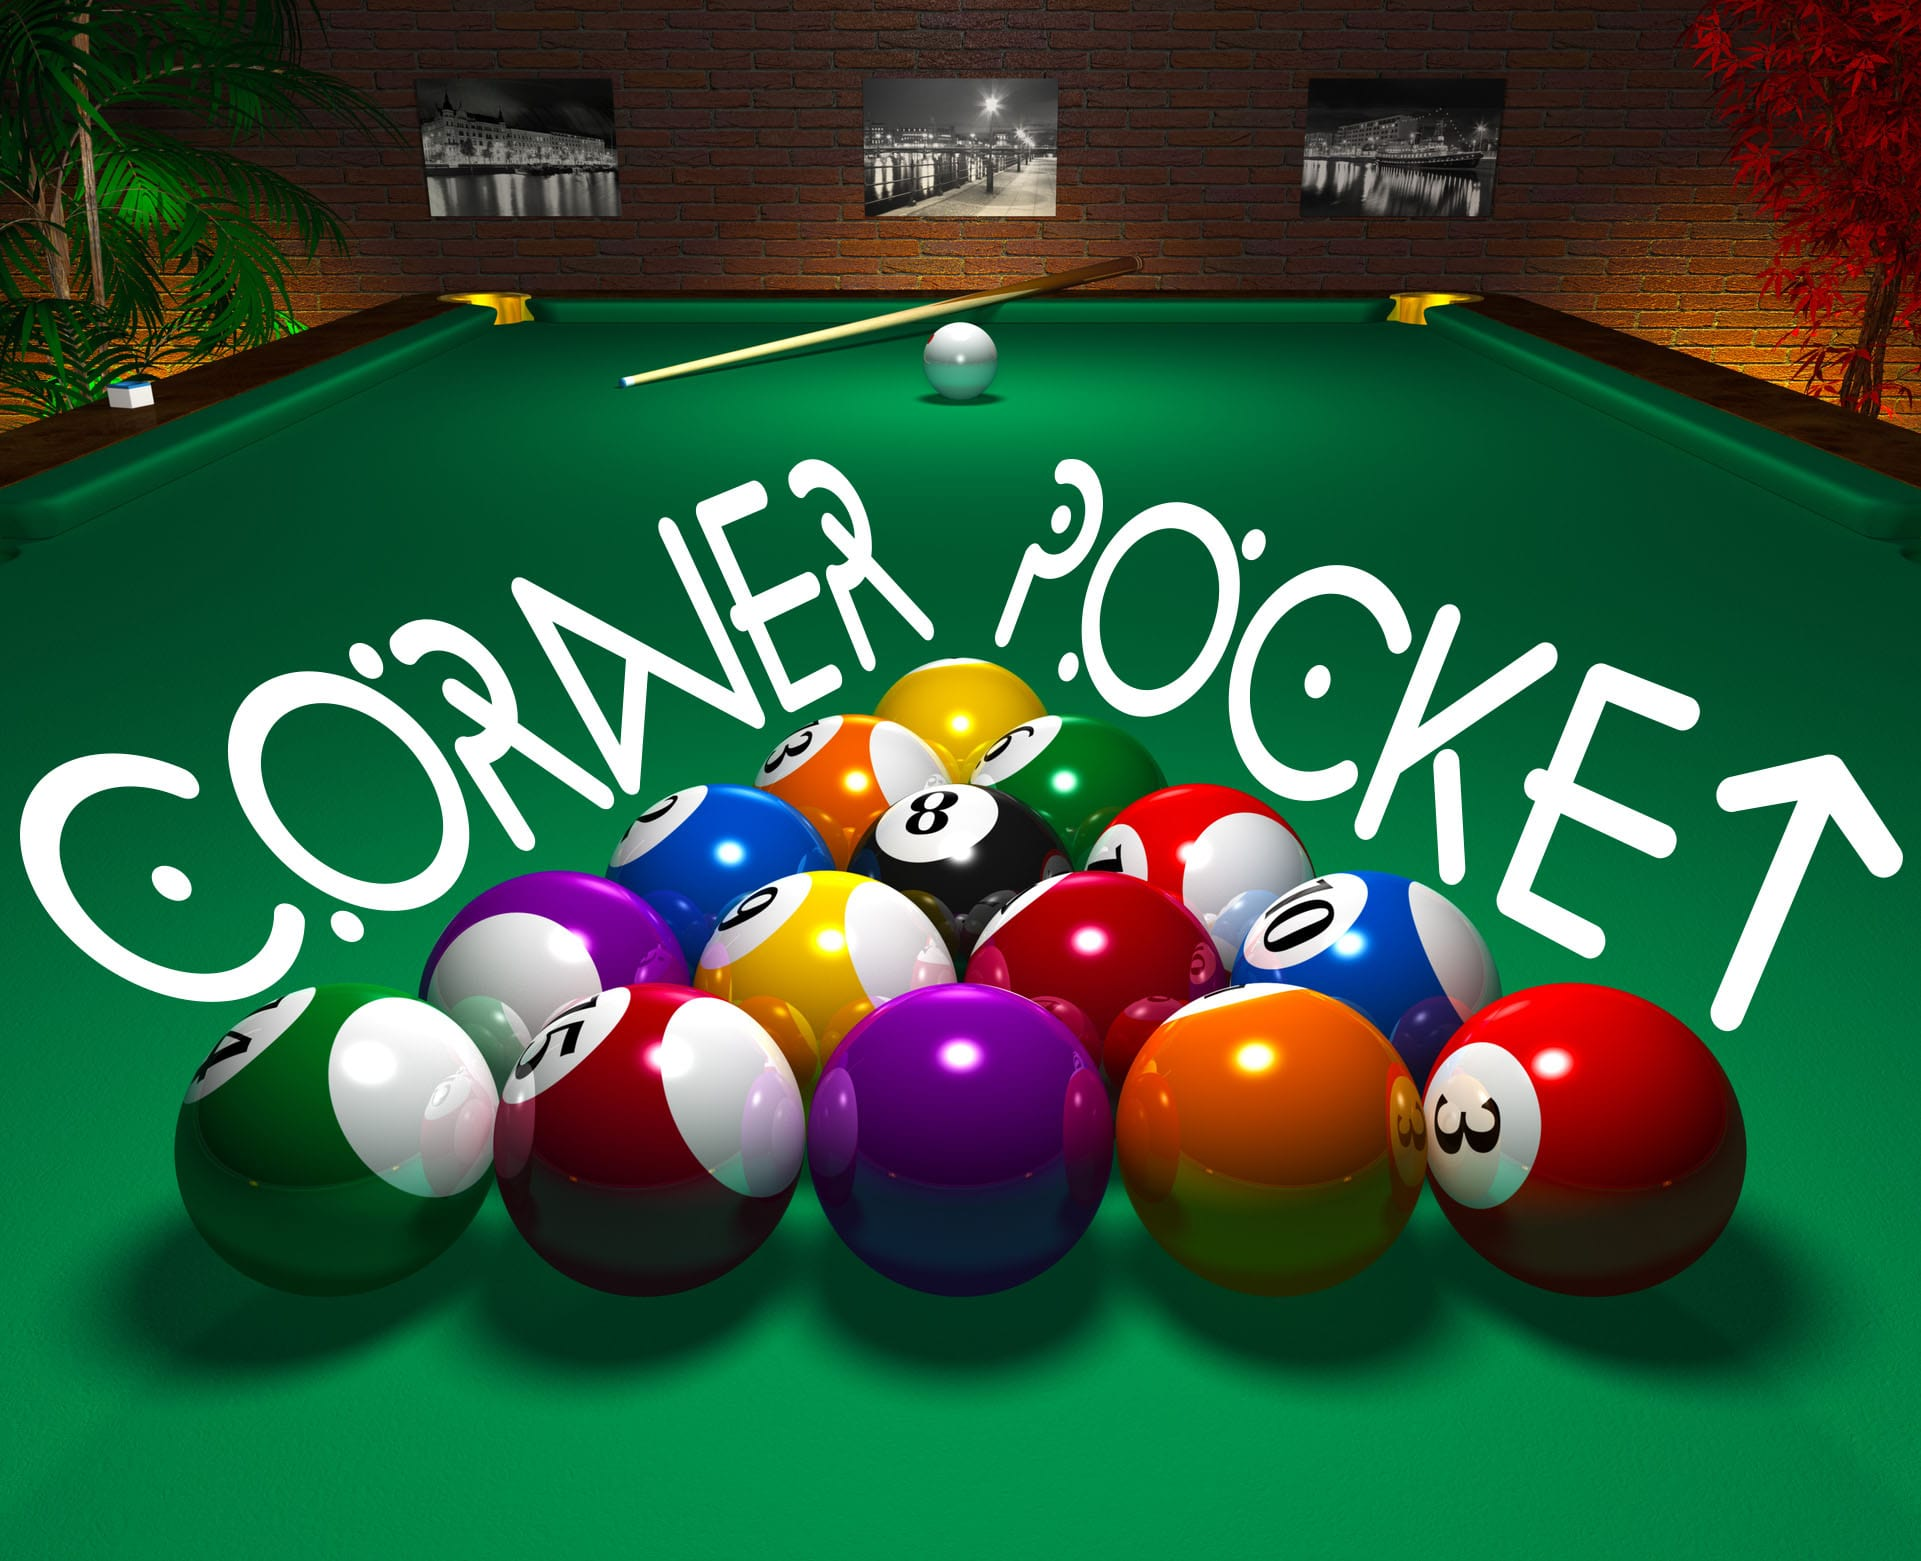 Corner+Pocket+1.png